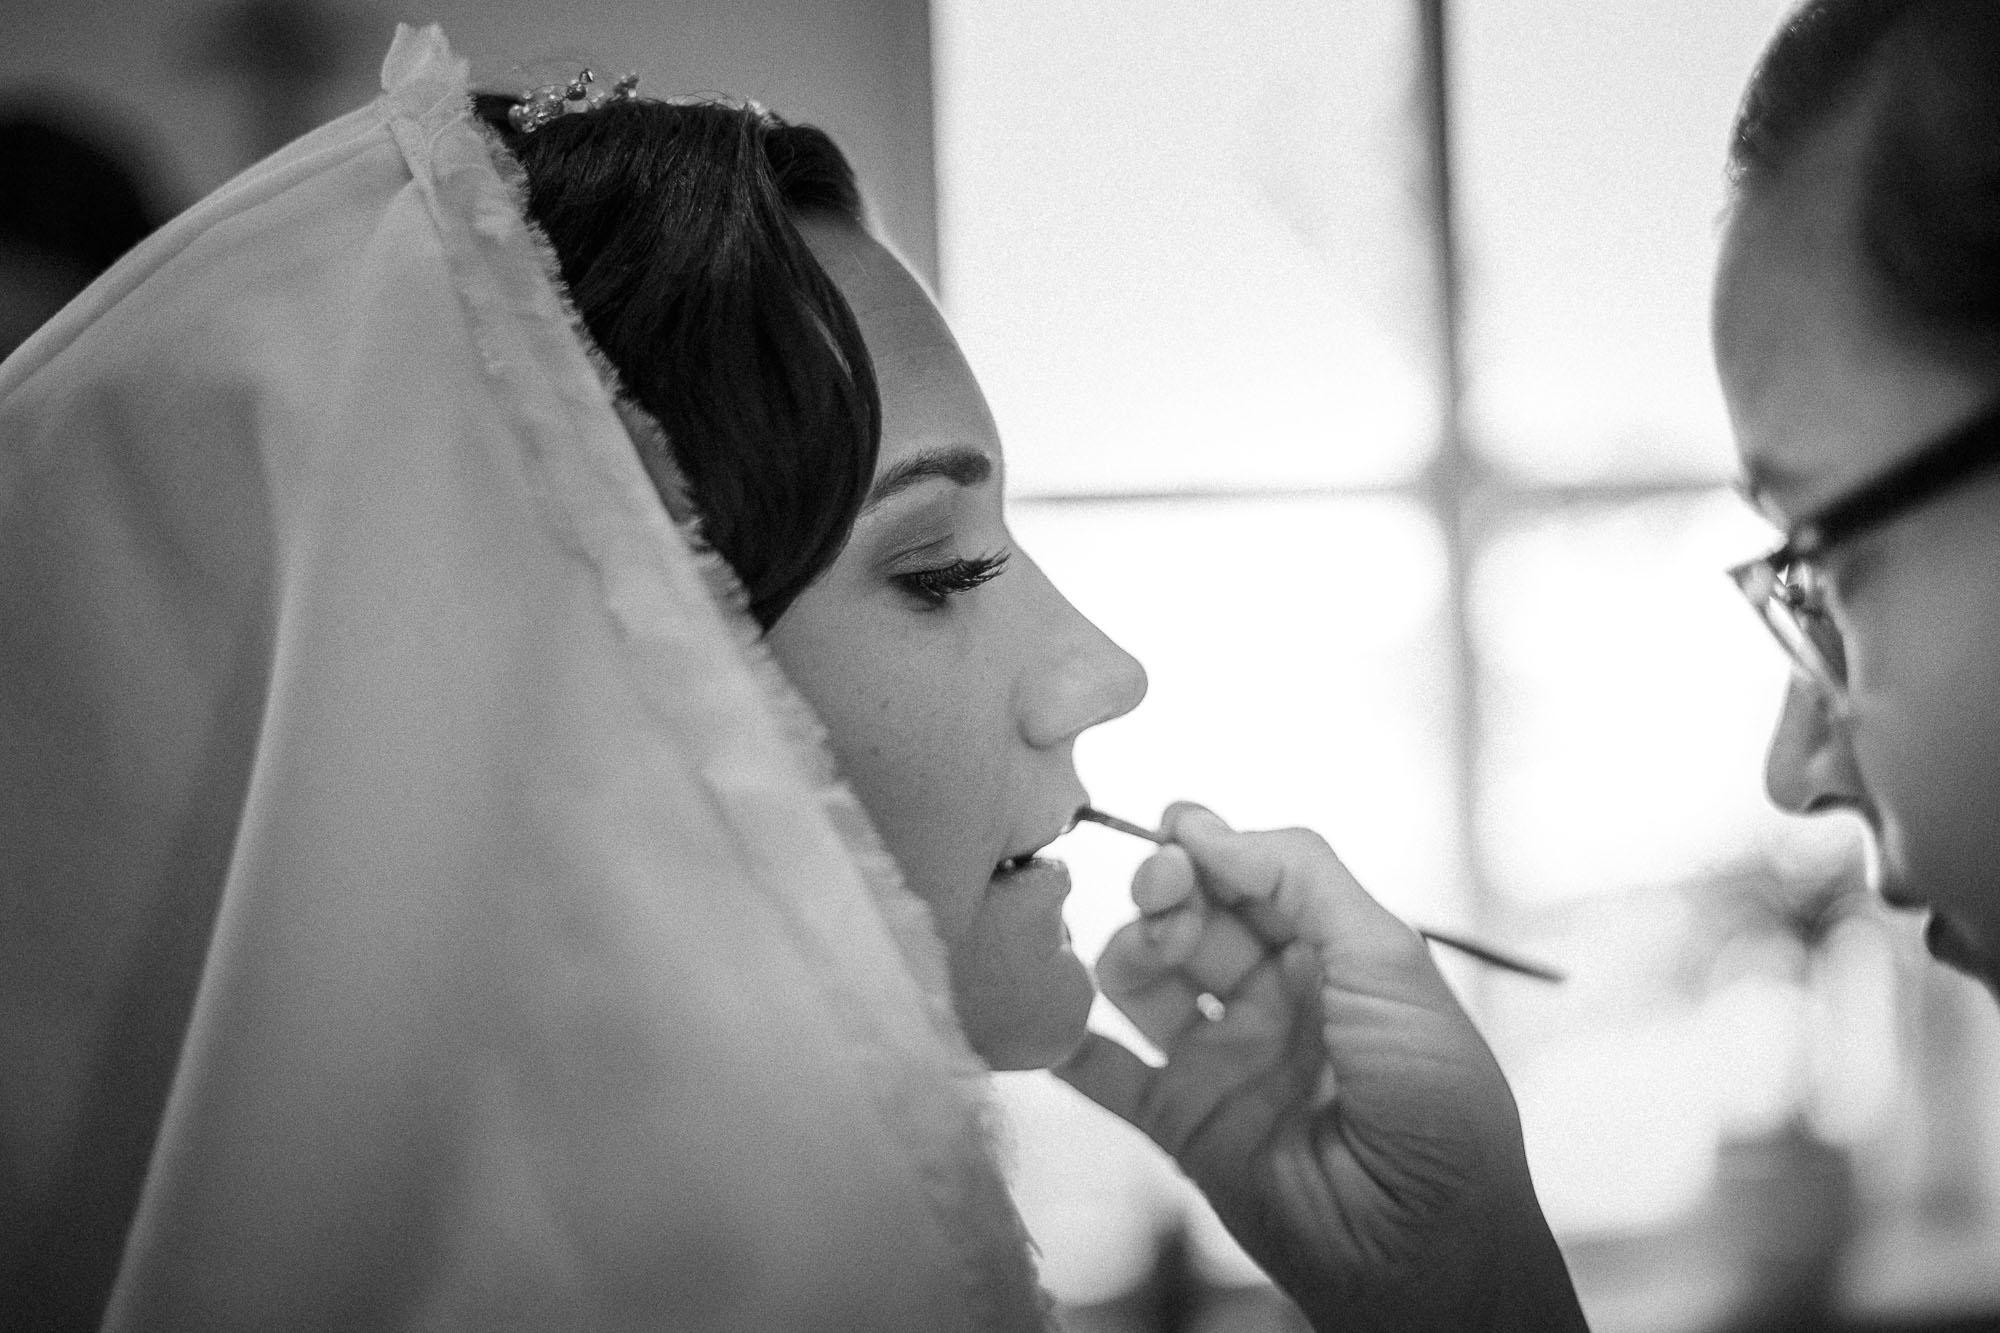 raissa simon photography destination wedding munich bayrischer wald winter snow 014 - Christine + Benjamin